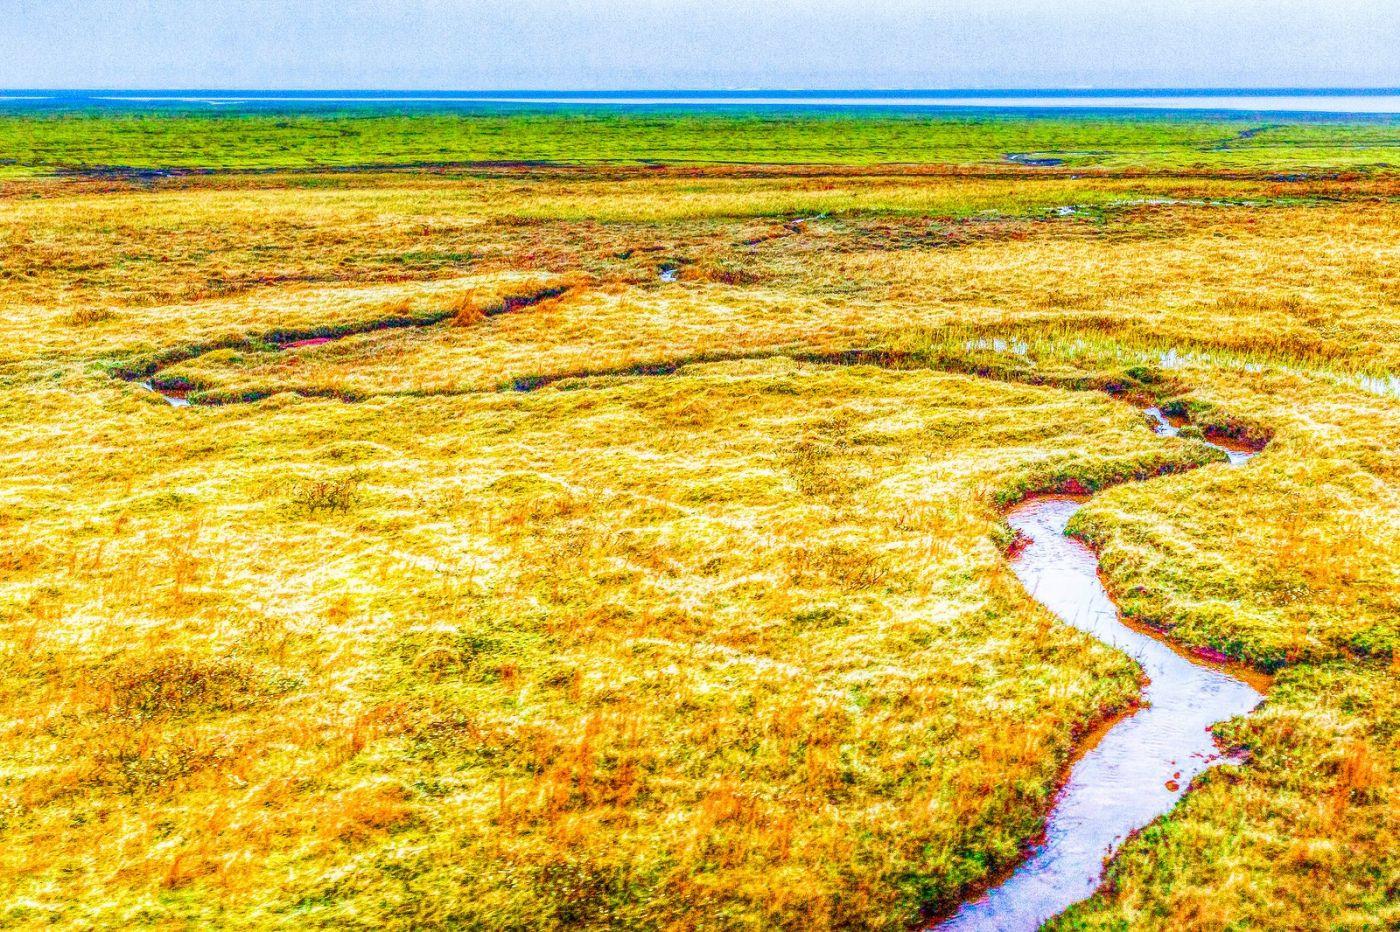 冰岛风采,延伸视野_图1-10